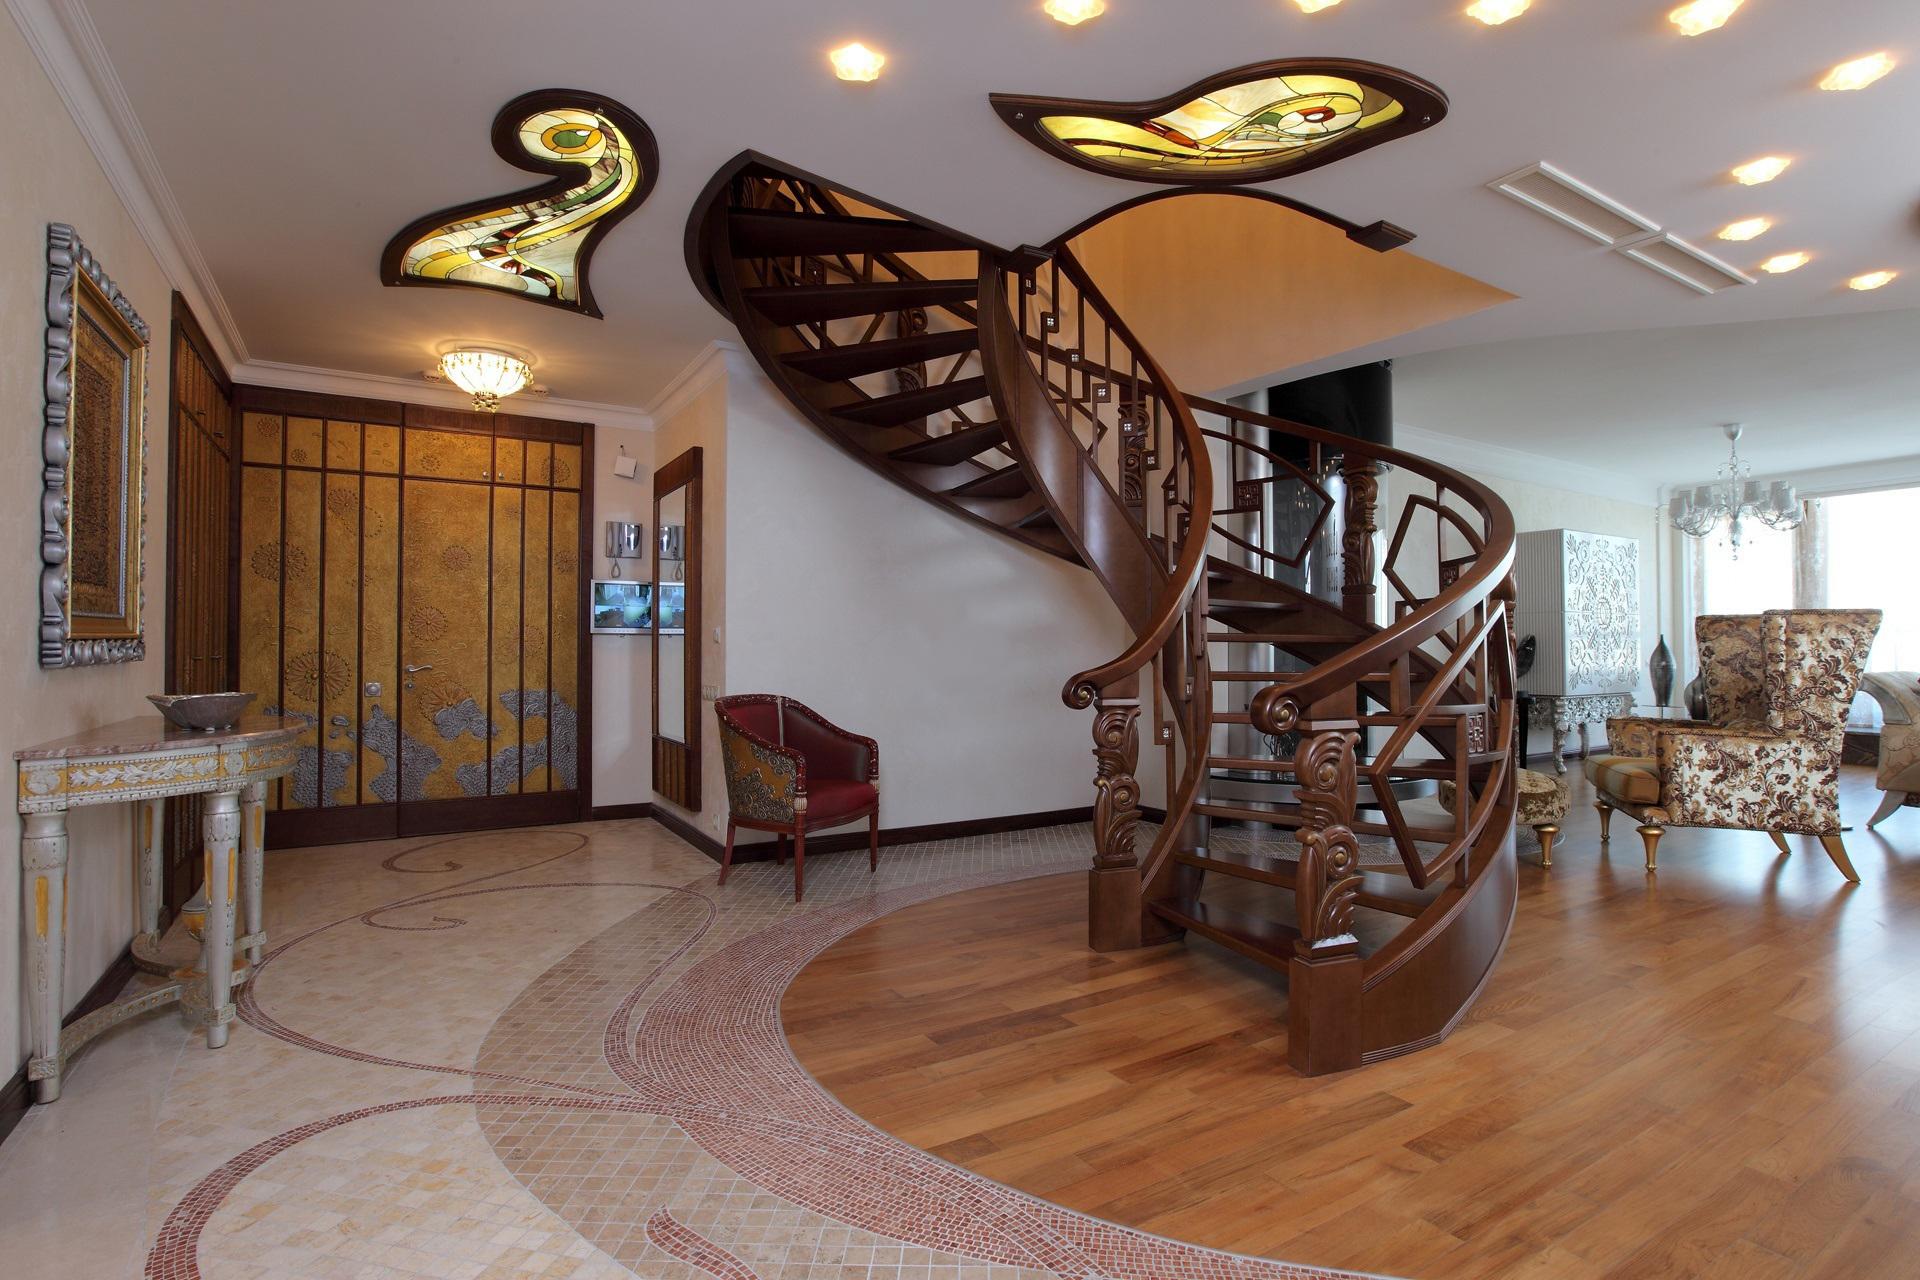 Бежевые стены и резная лестница в интерьере в стиле модерн